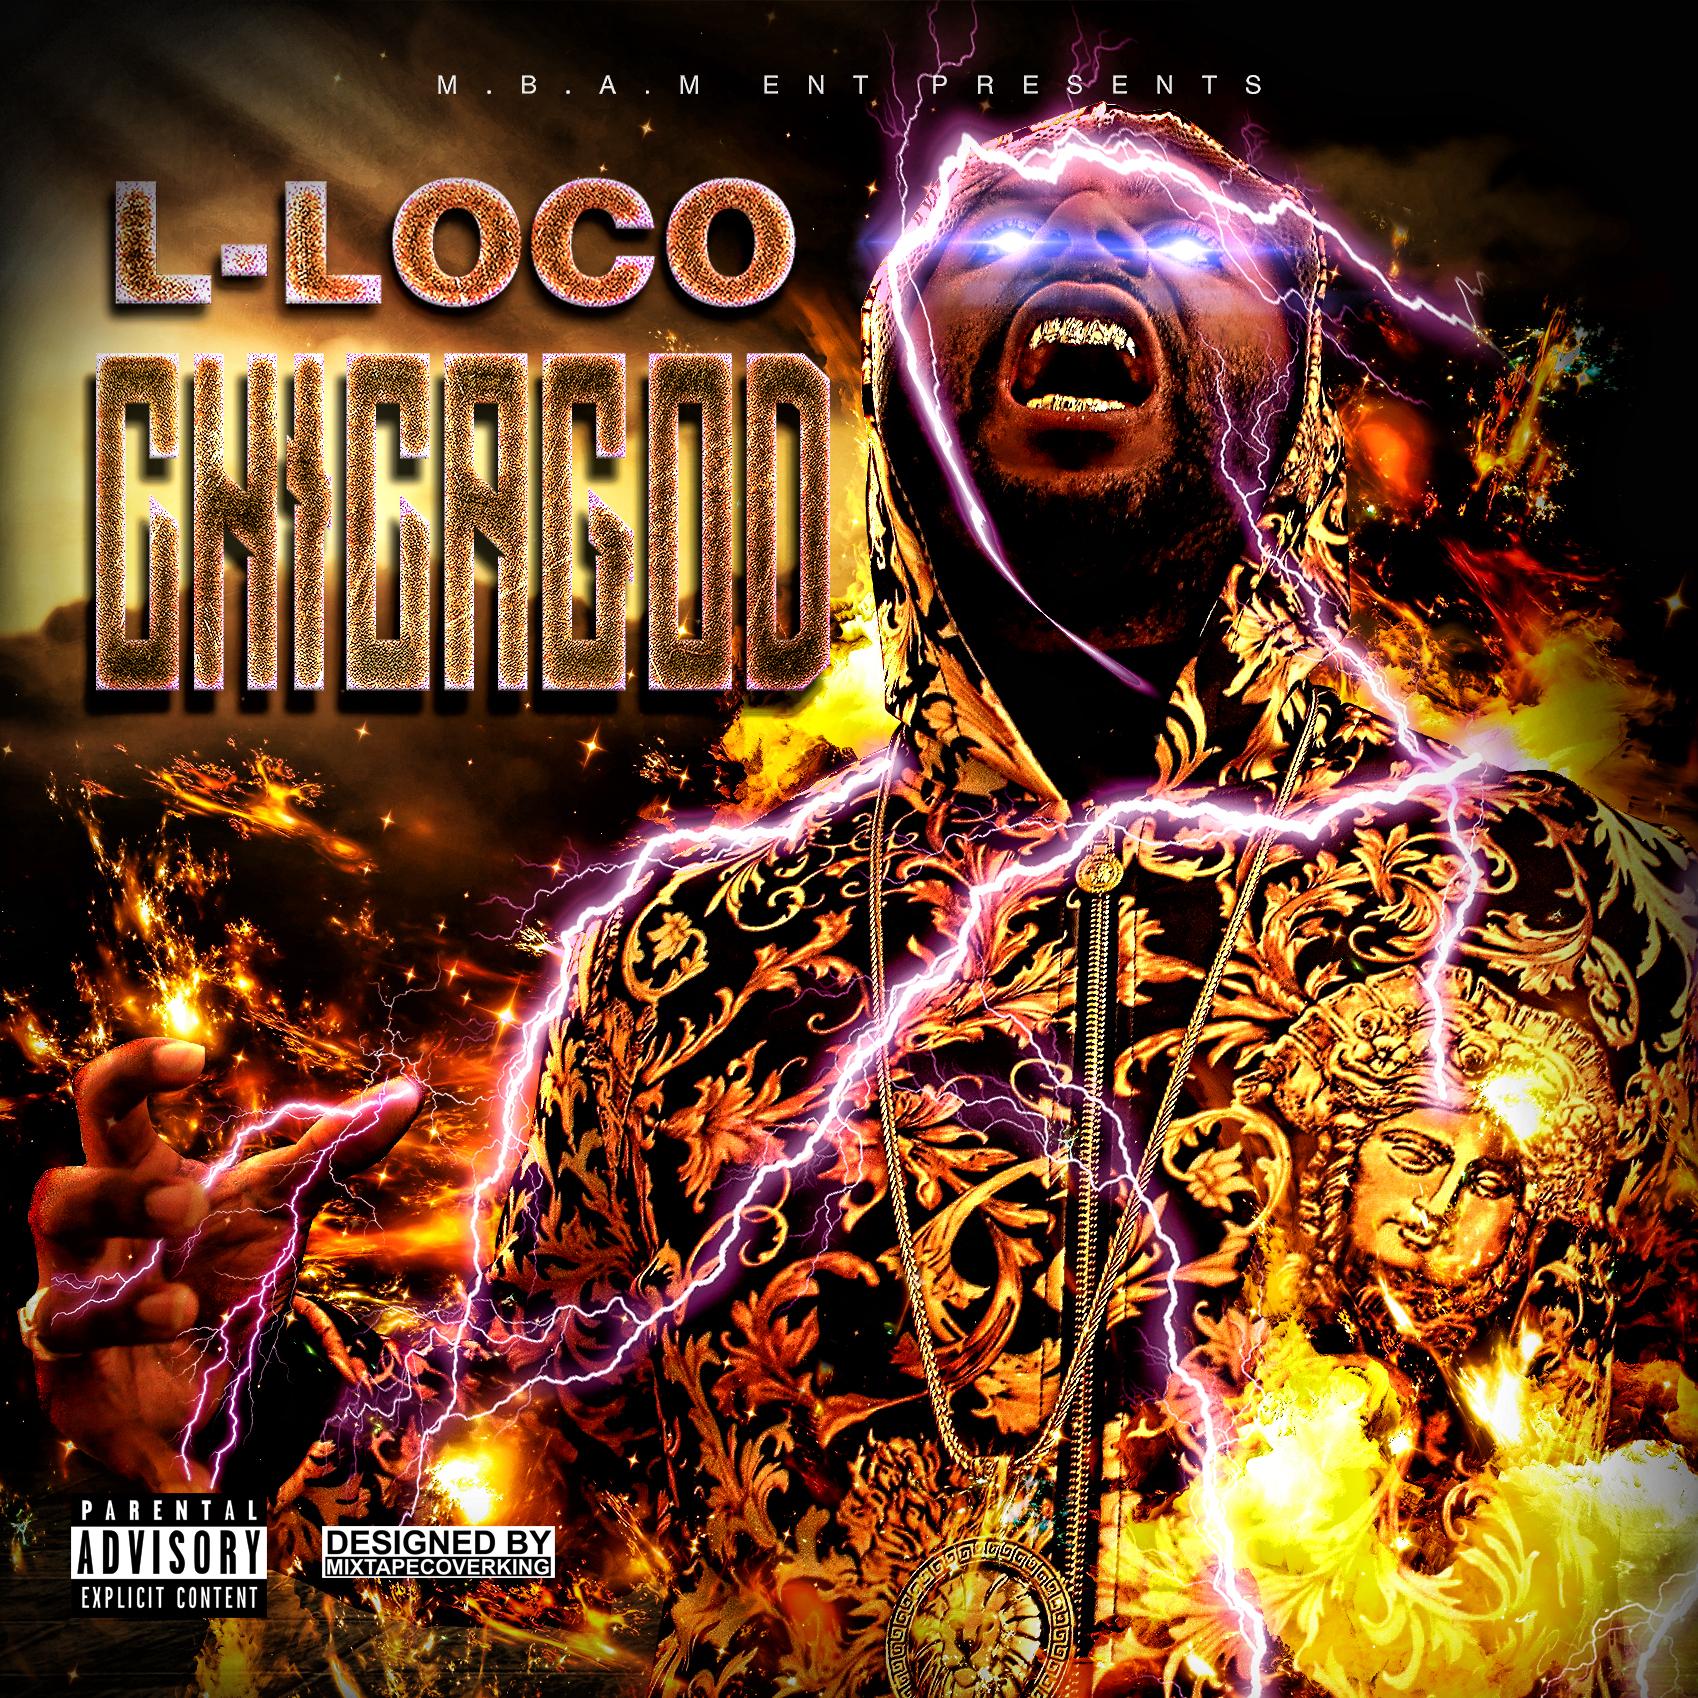 LLOCO - ChicaGOD